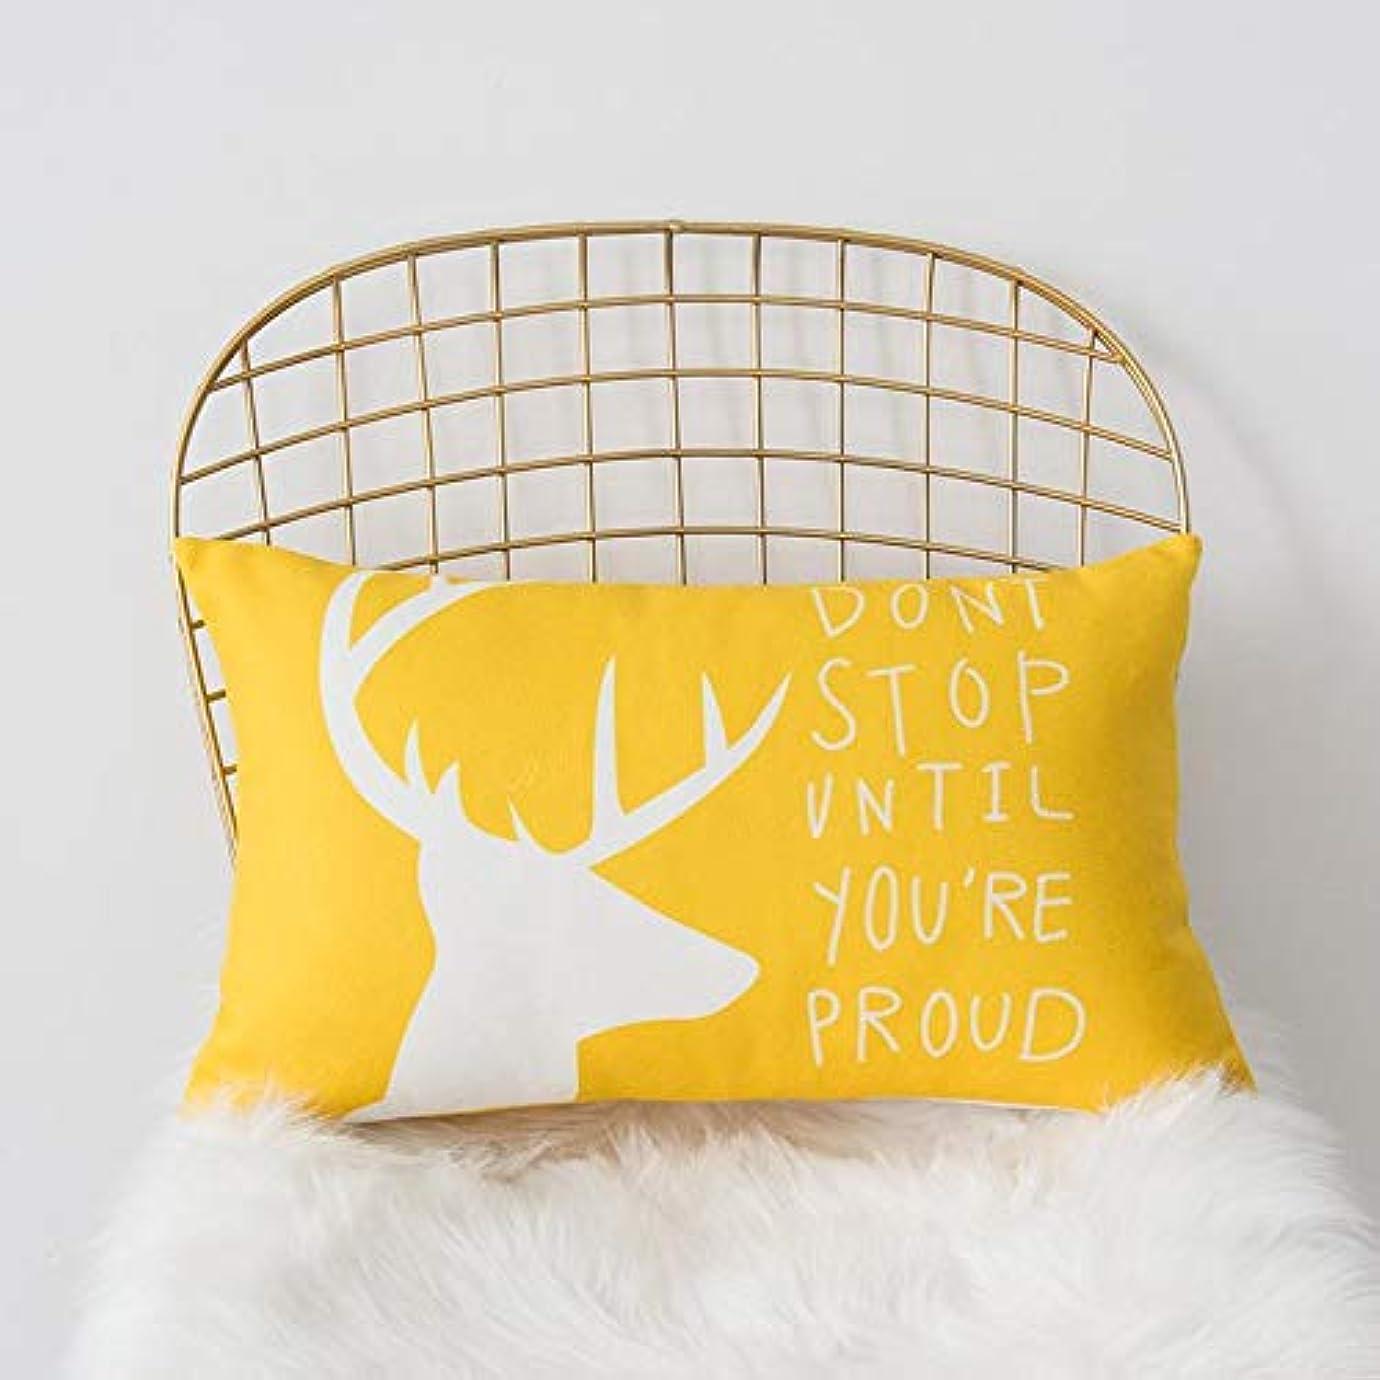 眉をひそめる十改修するSMART 黄色グレー枕北欧スタイル黄色ヘラジカ幾何枕リビングルームのインテリアソファクッション Cojines 装飾良質 クッション 椅子